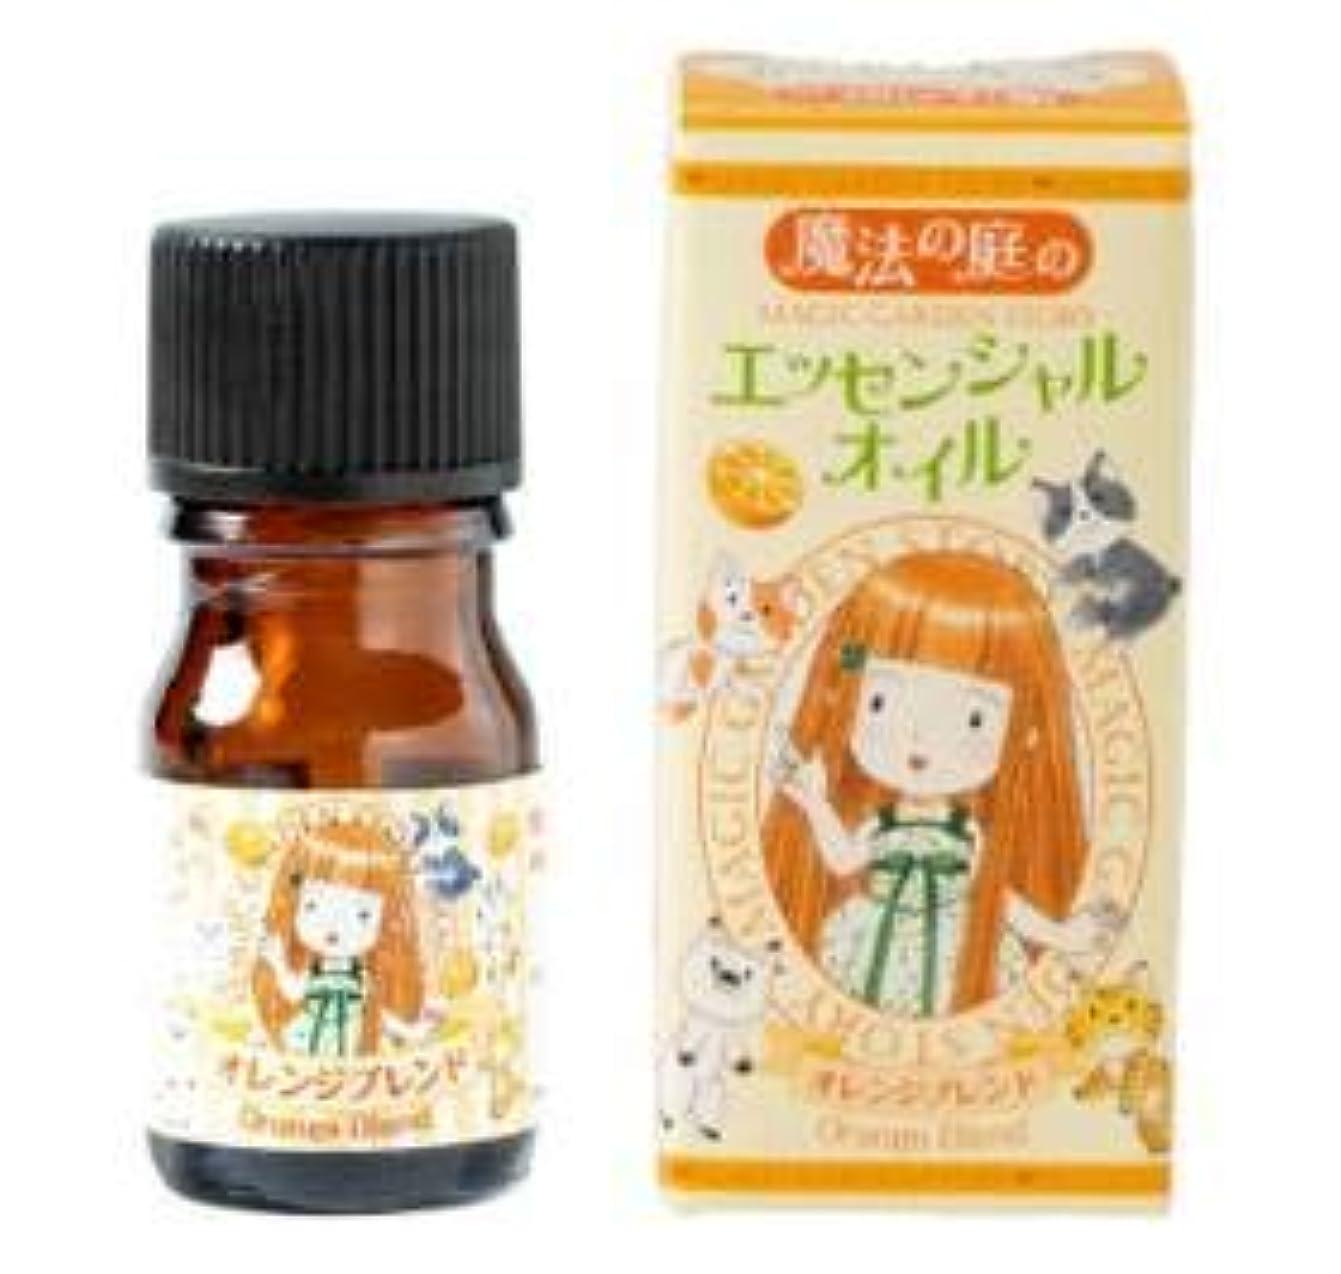 菊蚊熟達生活の木 魔法の庭のエッセンシャルオイル オレンジブレンド(3ml)